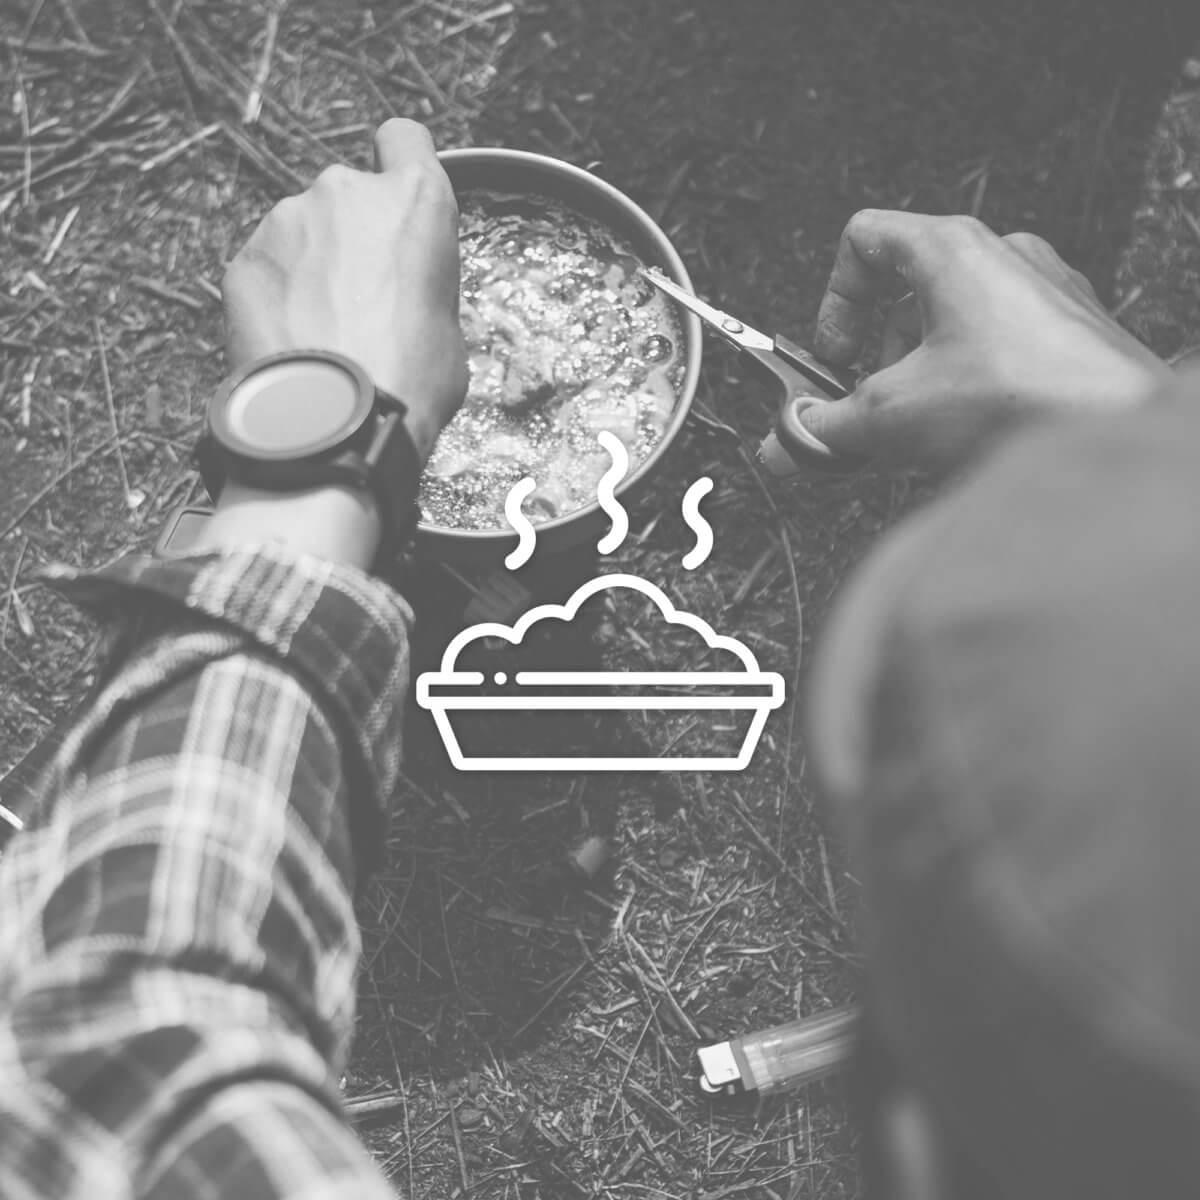 Abenteuer Essen